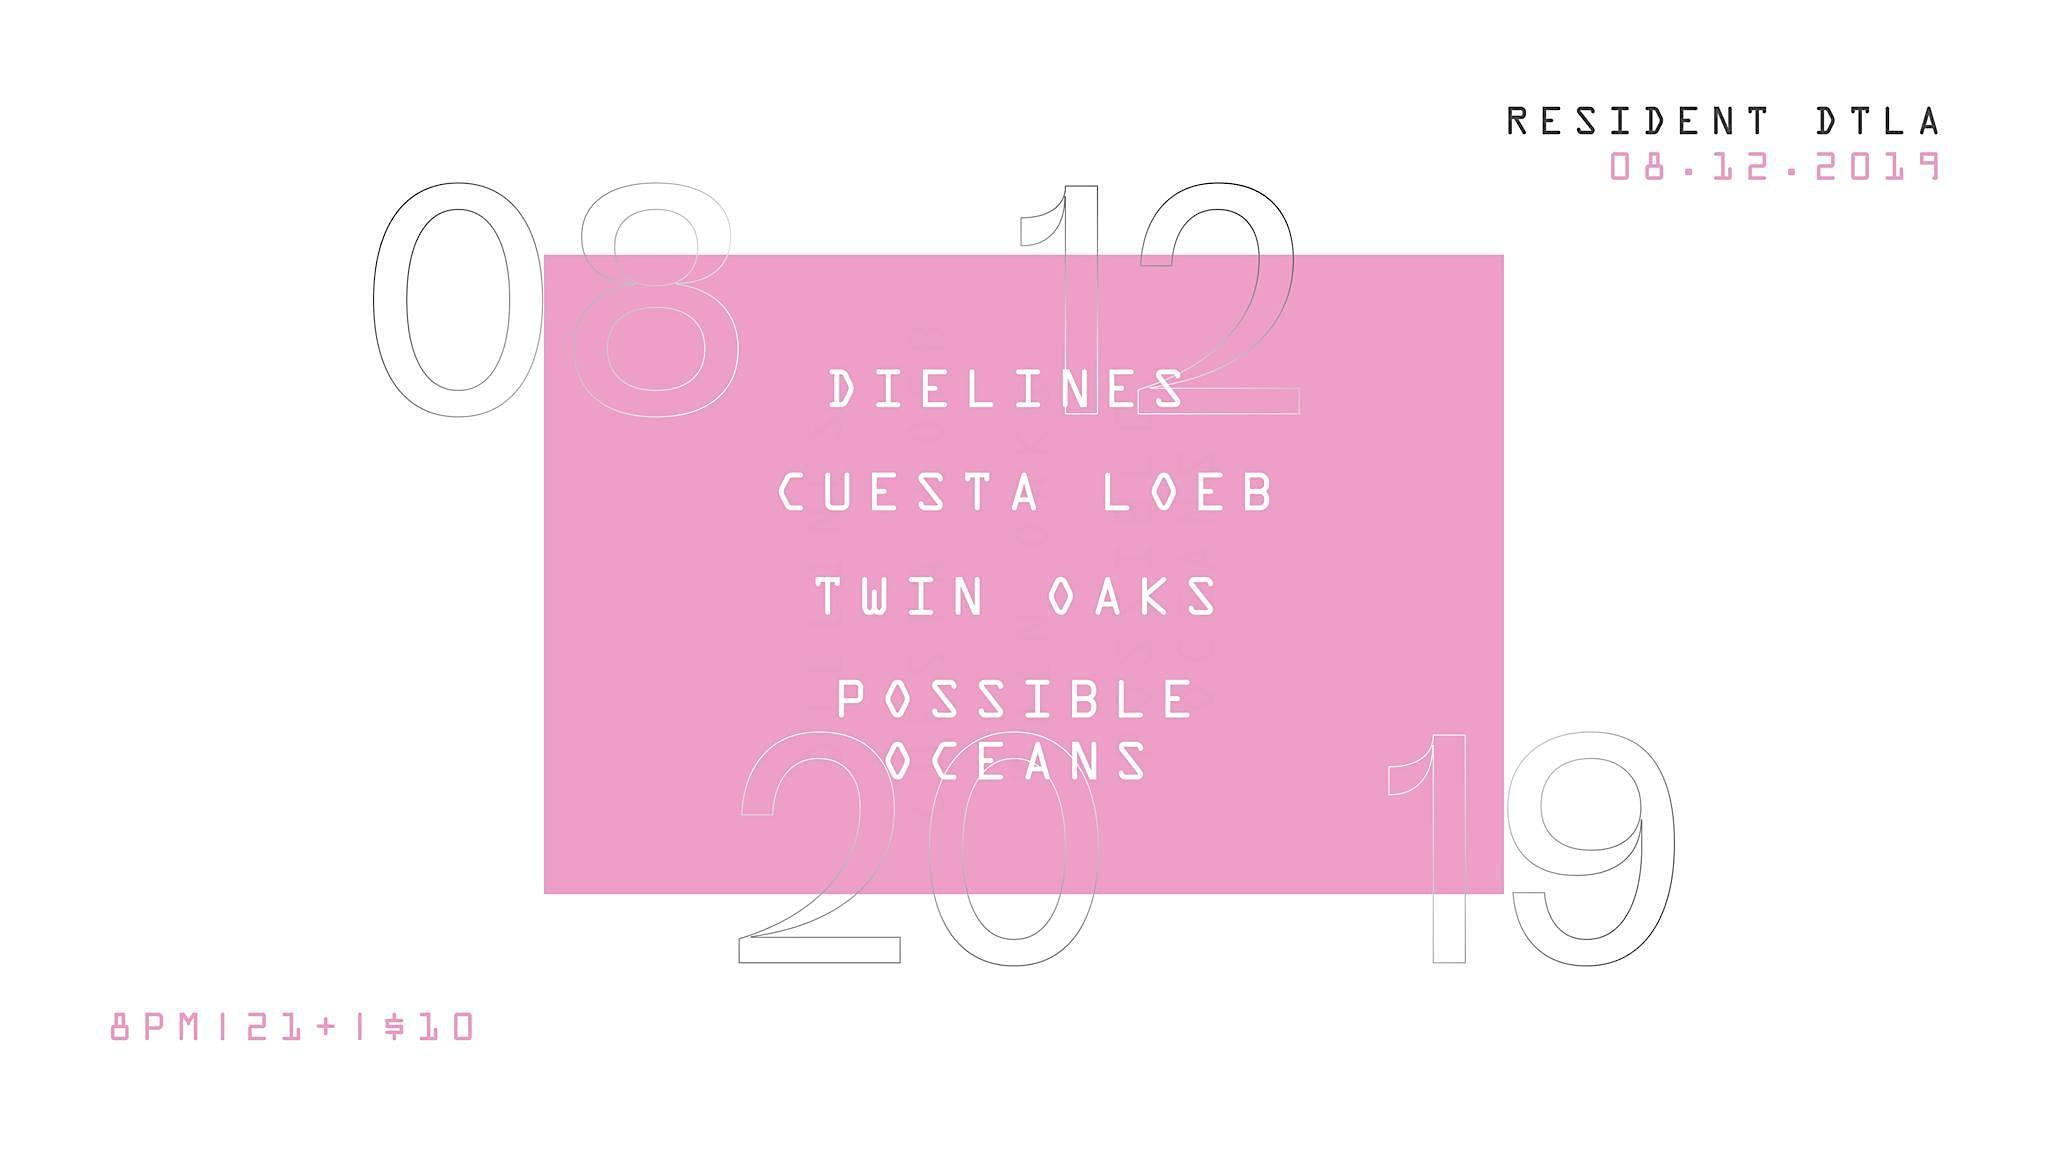 Dielines, Cuesta Loeb, Twin Oaks, Possible Oceans